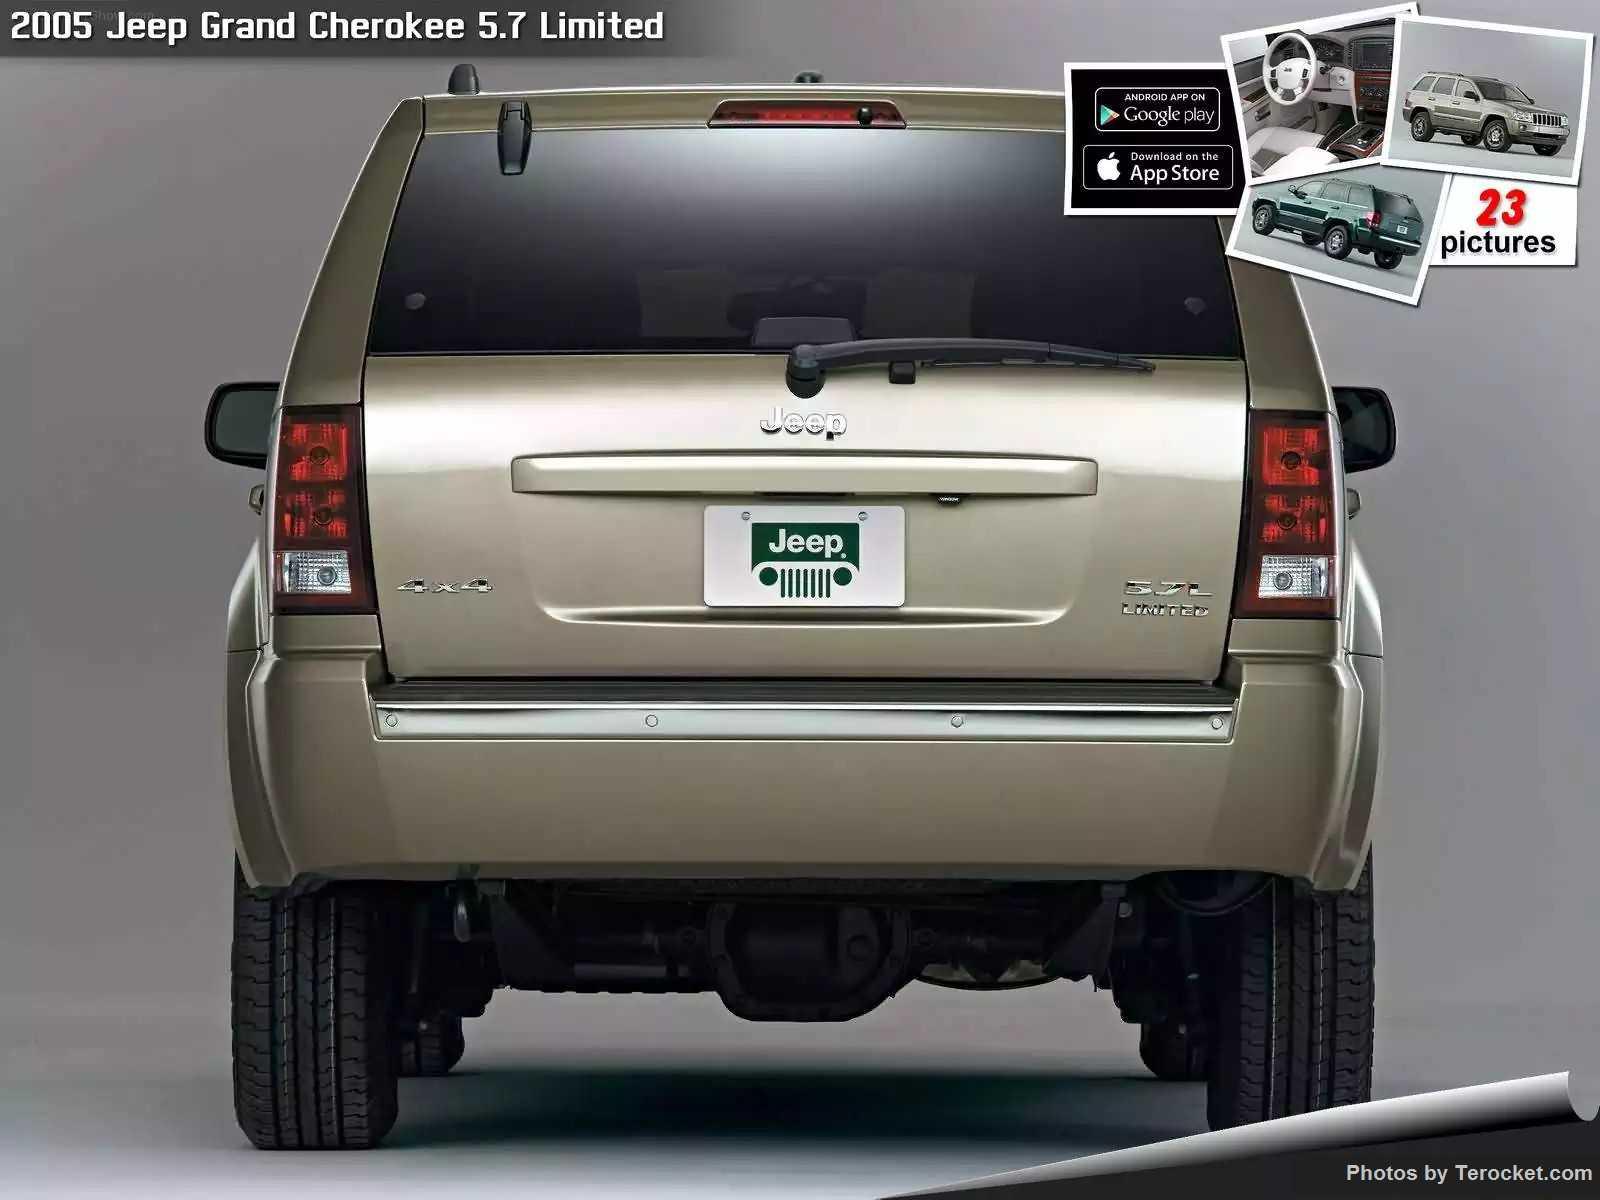 Hình ảnh xe ô tô Jeep Grand Cherokee 5.7 Limited 2005 & nội ngoại thất